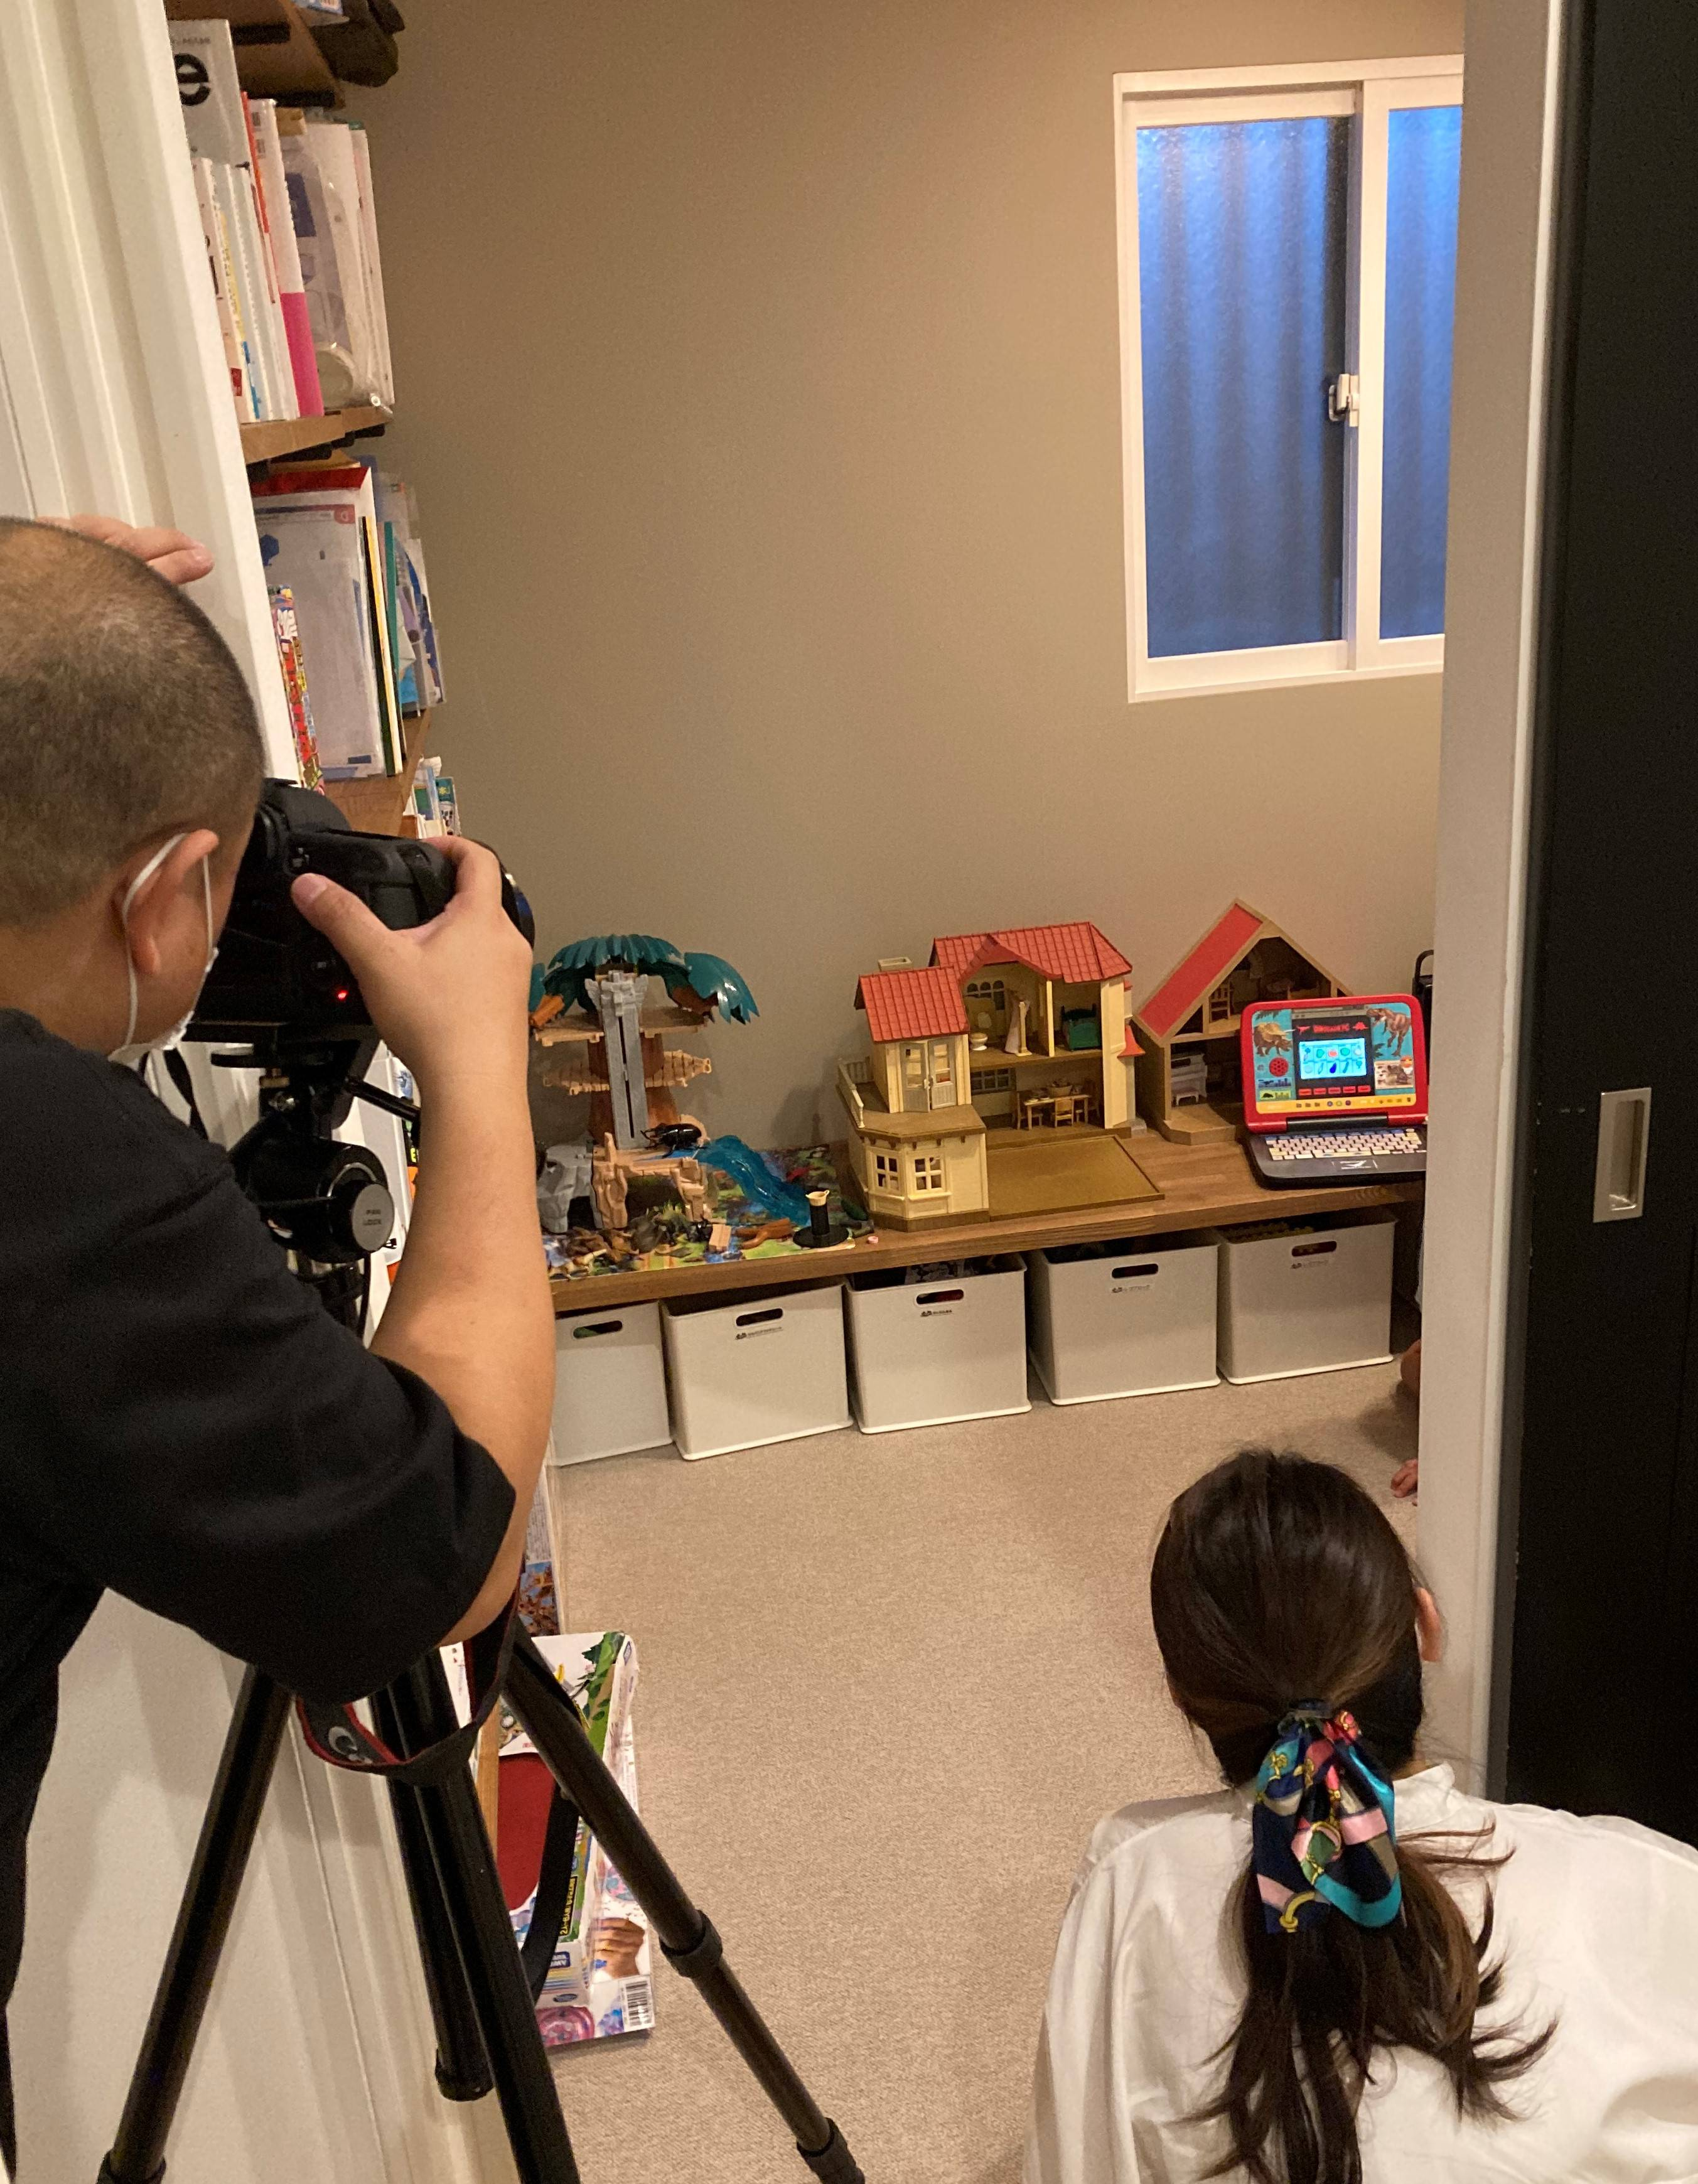 豊橋市でリノベーションを手掛けるリノクラフト株式会社で実家リノベーションされたOB様のお宅が東海リノベーションの撮影風景